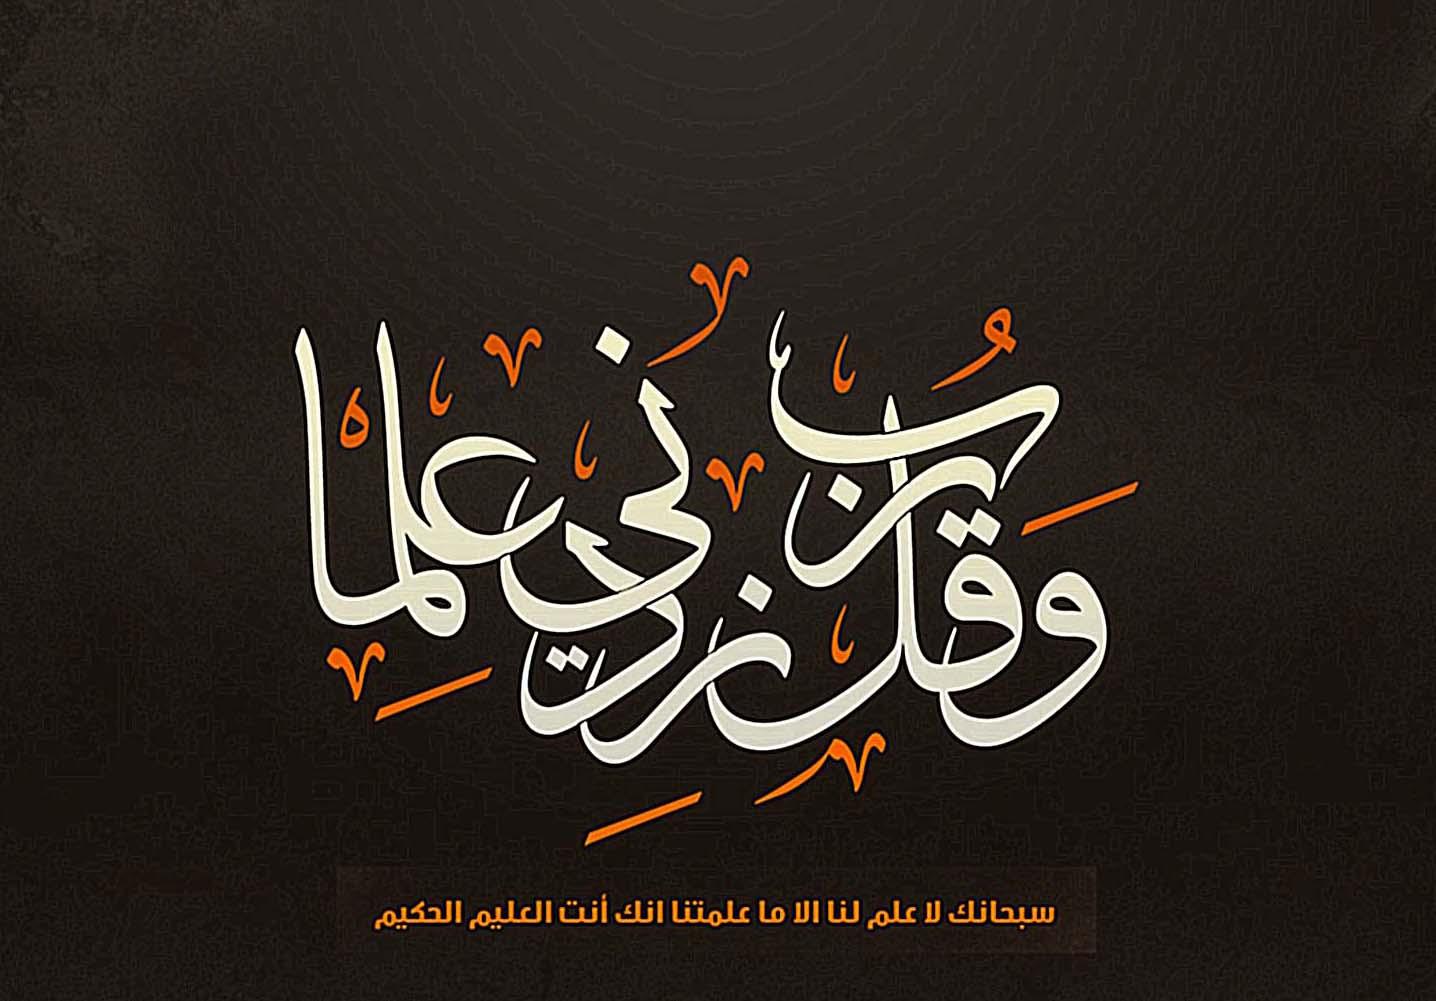 quranic verse in Arabic script